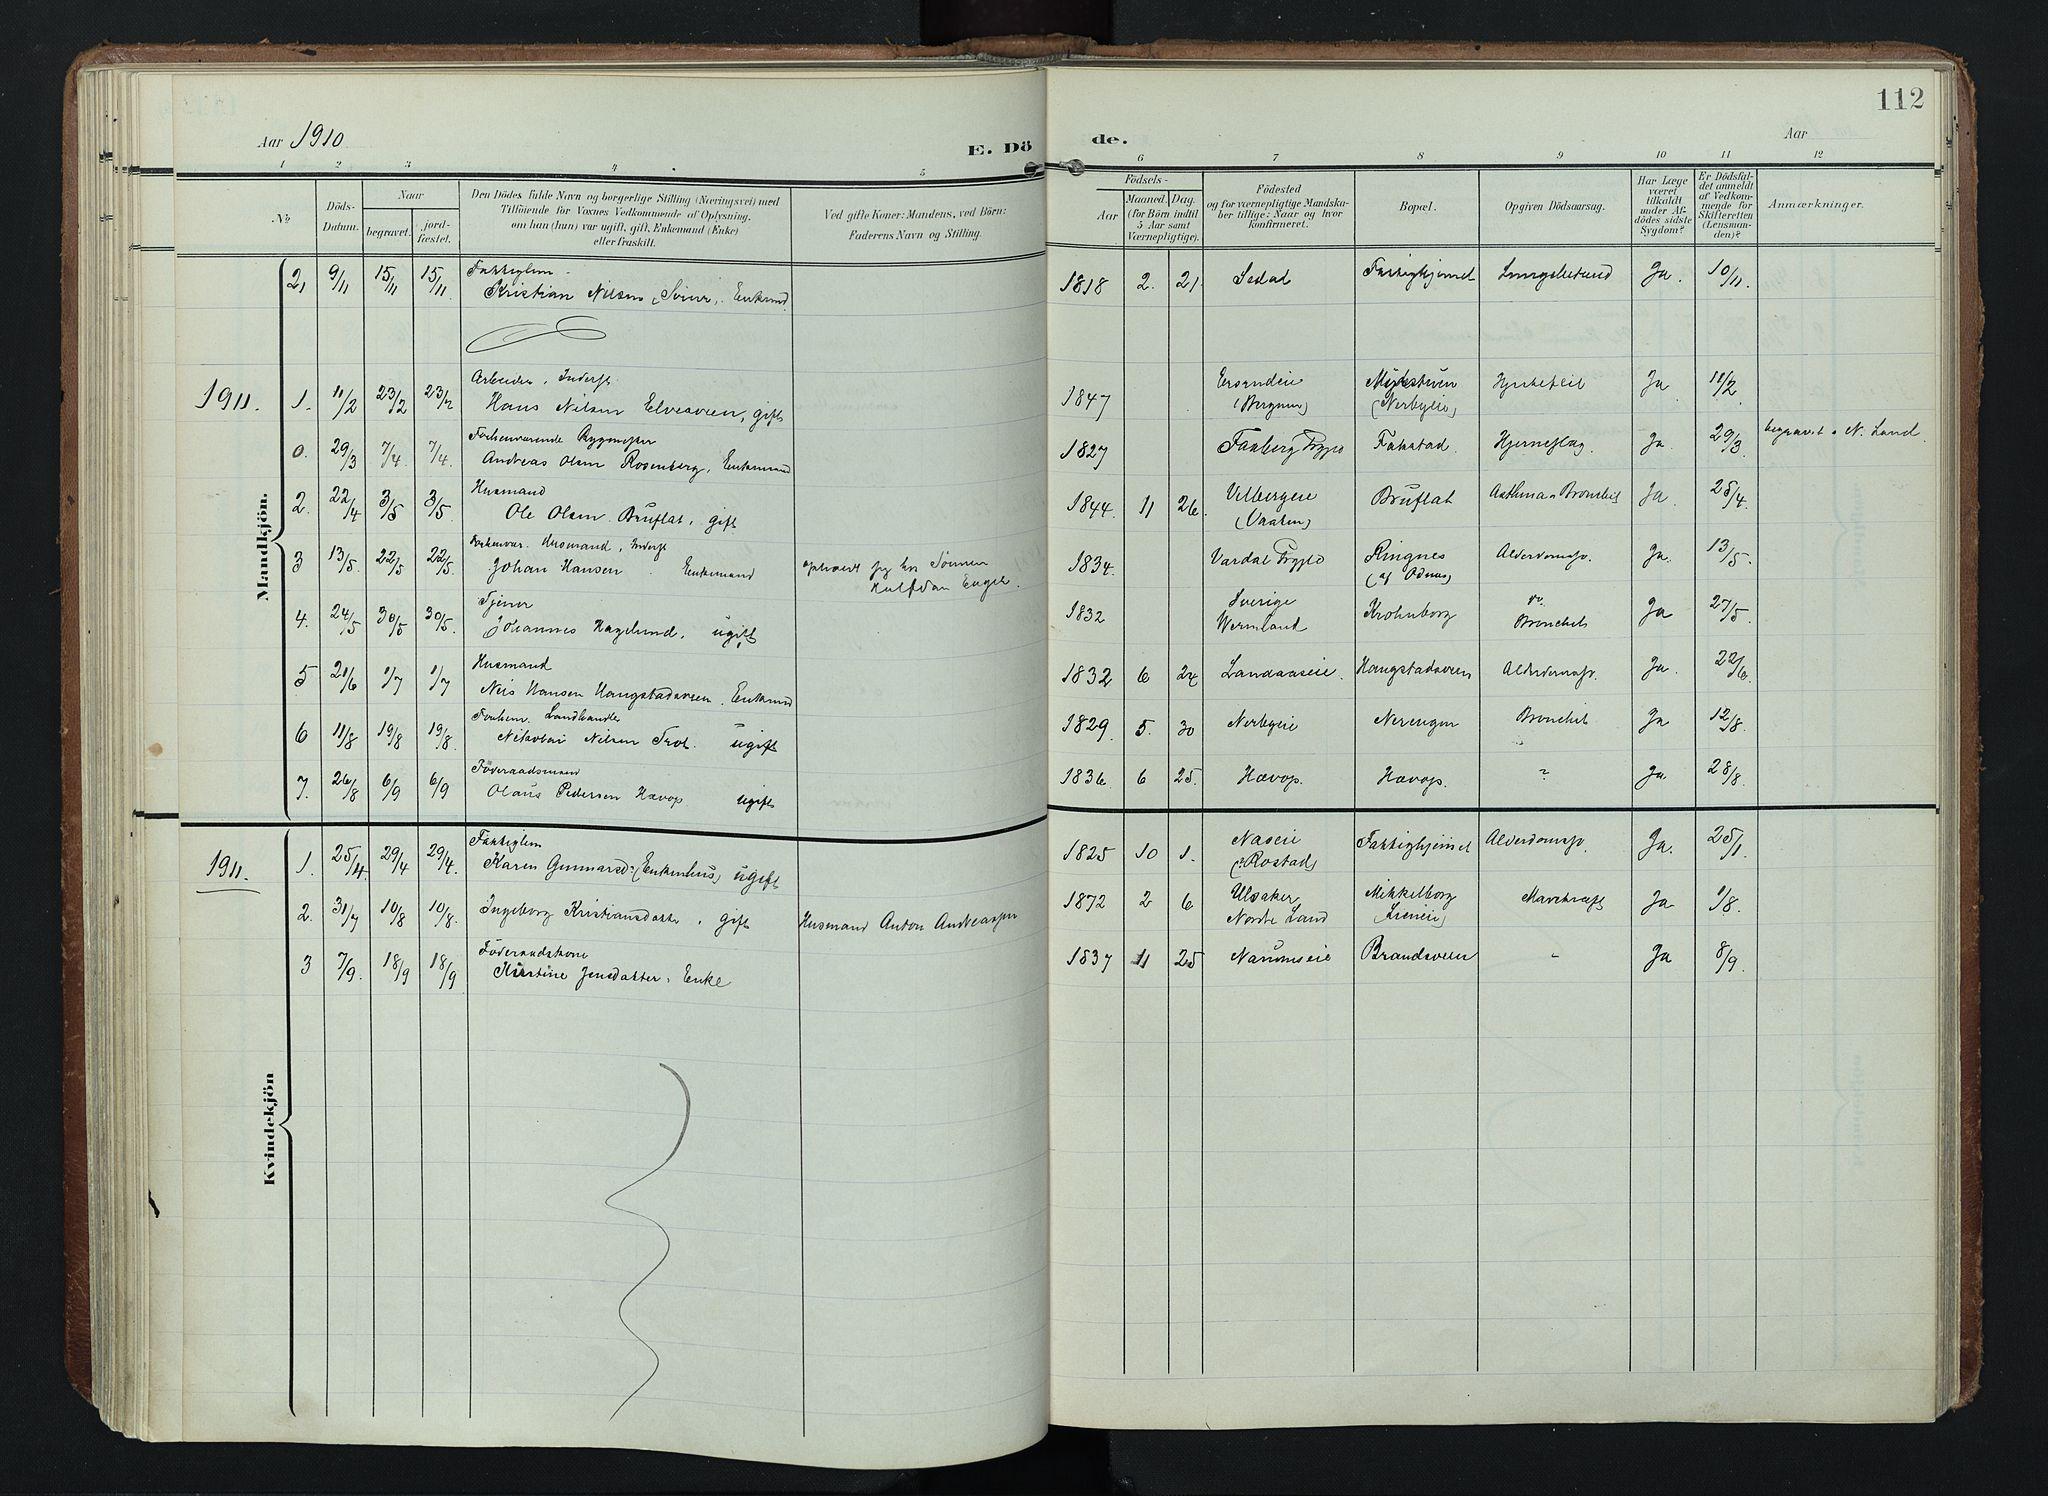 SAH, Søndre Land prestekontor, K/L0005: Ministerialbok nr. 5, 1905-1914, s. 112